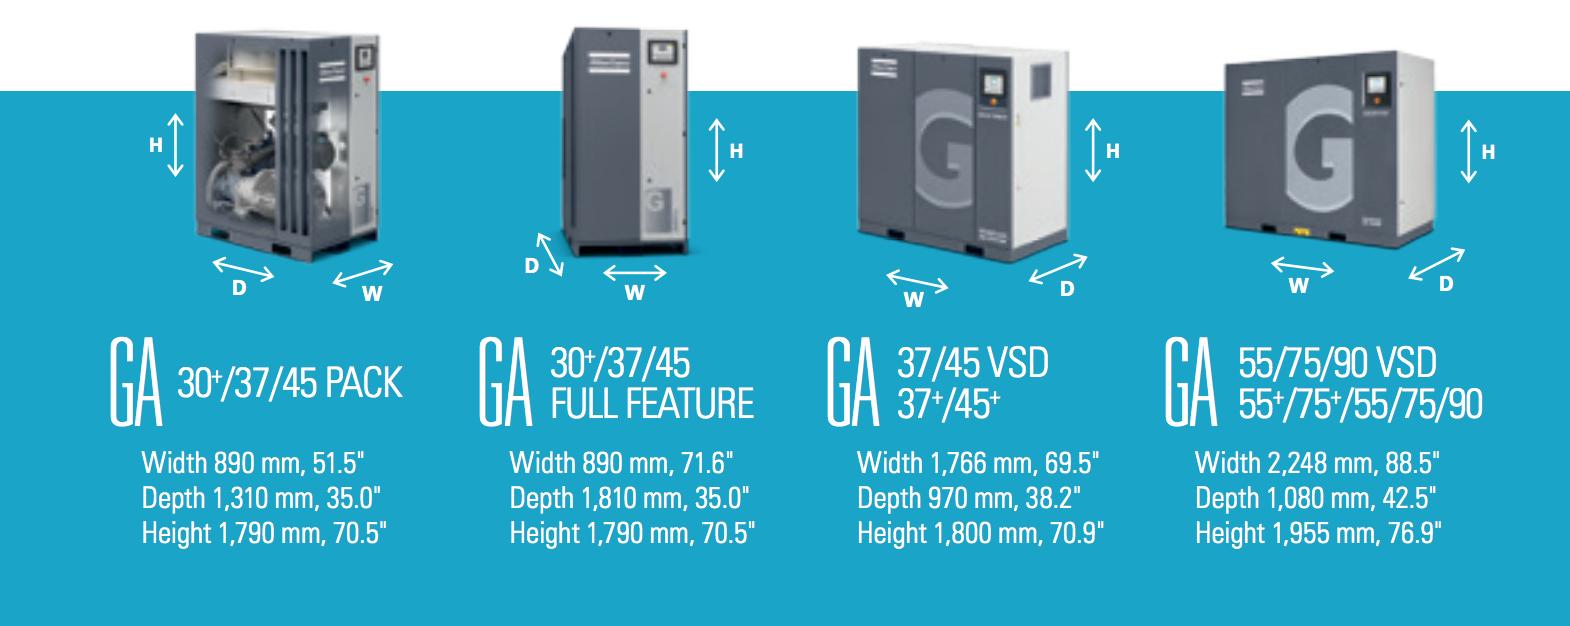 مقایسه ابعاد نسخههای مختلف کمپرسور اسکرو برقی GA، از ۳۰ تا ۹۰.